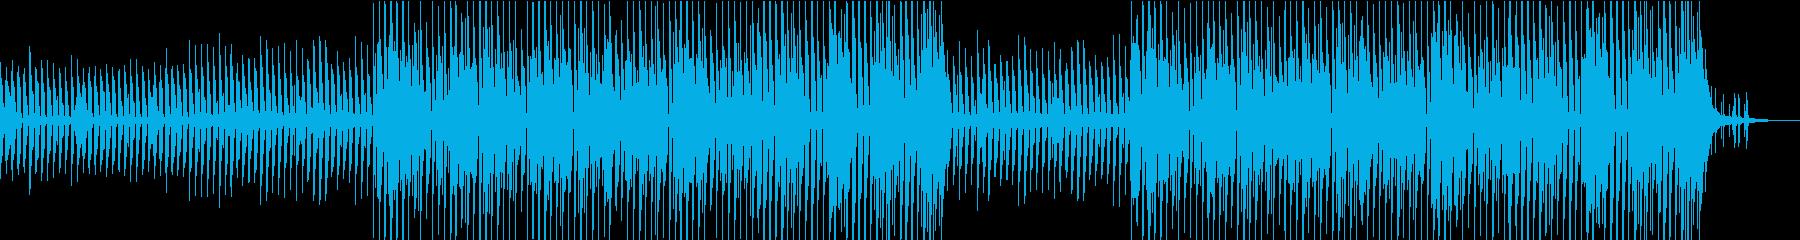 ほのぼのしてかわいいピアノと木琴ポップスの再生済みの波形